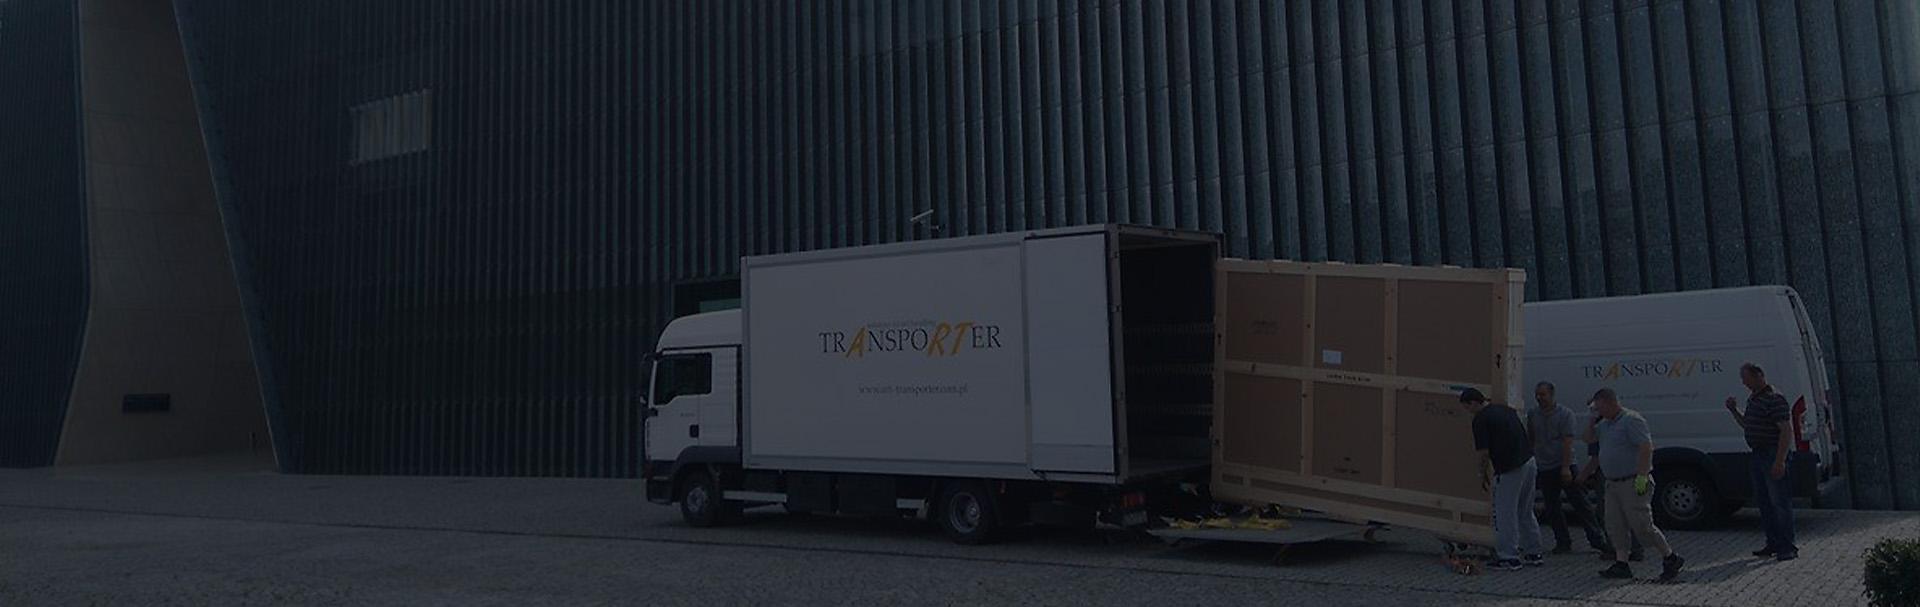 załadunek ciężarówki - banner